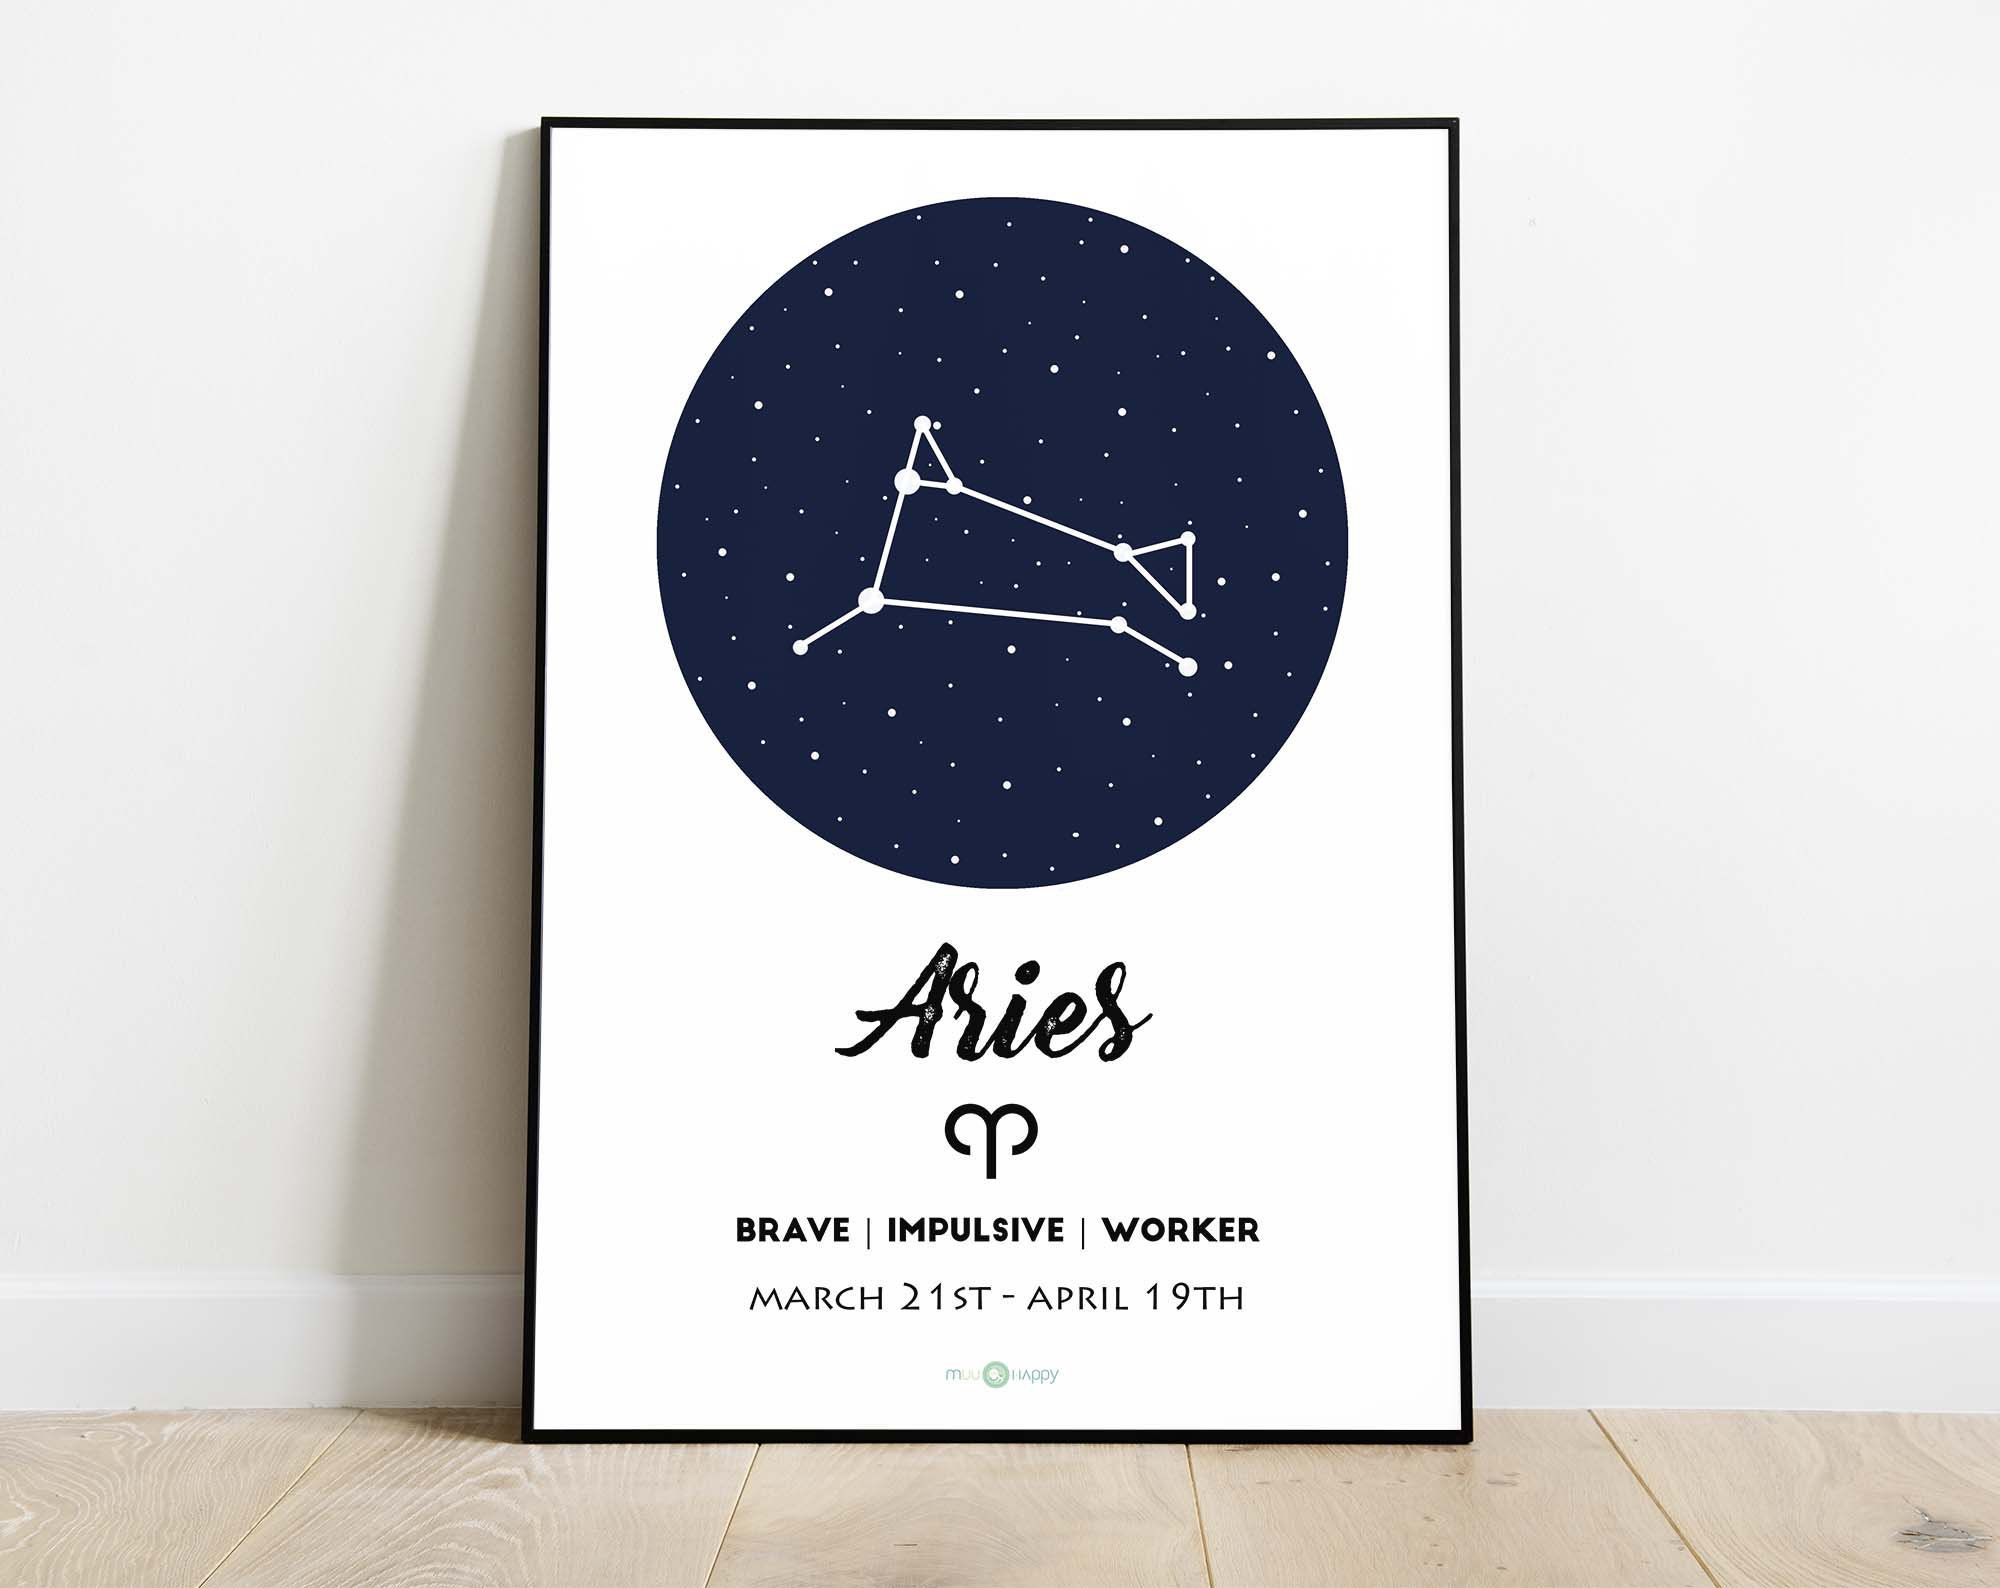 English Aries Constellation Wall Art Aries Zodiac Sign Aries Zodiac Constellation Digital Wall Art Birthday Gift Decoracion De Pared Decoración De Unas Aries